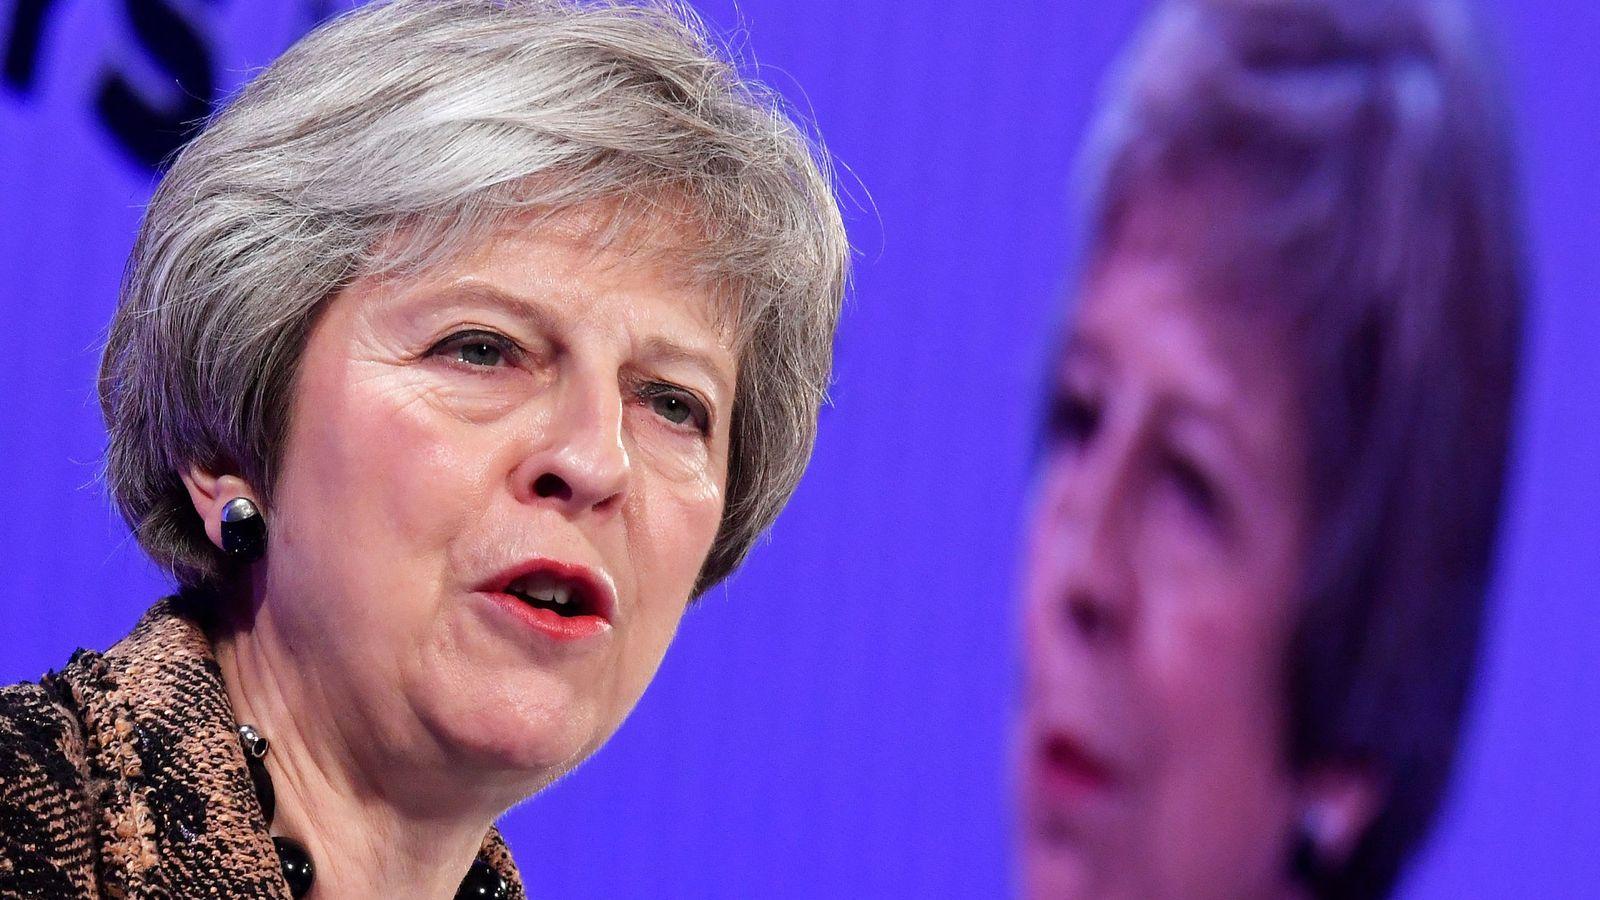 Foto: La primera ministra británica, Theresa May, habla en la Confederación de la Industria Británica, el 19 de noviembre de 2018. (Reuters)